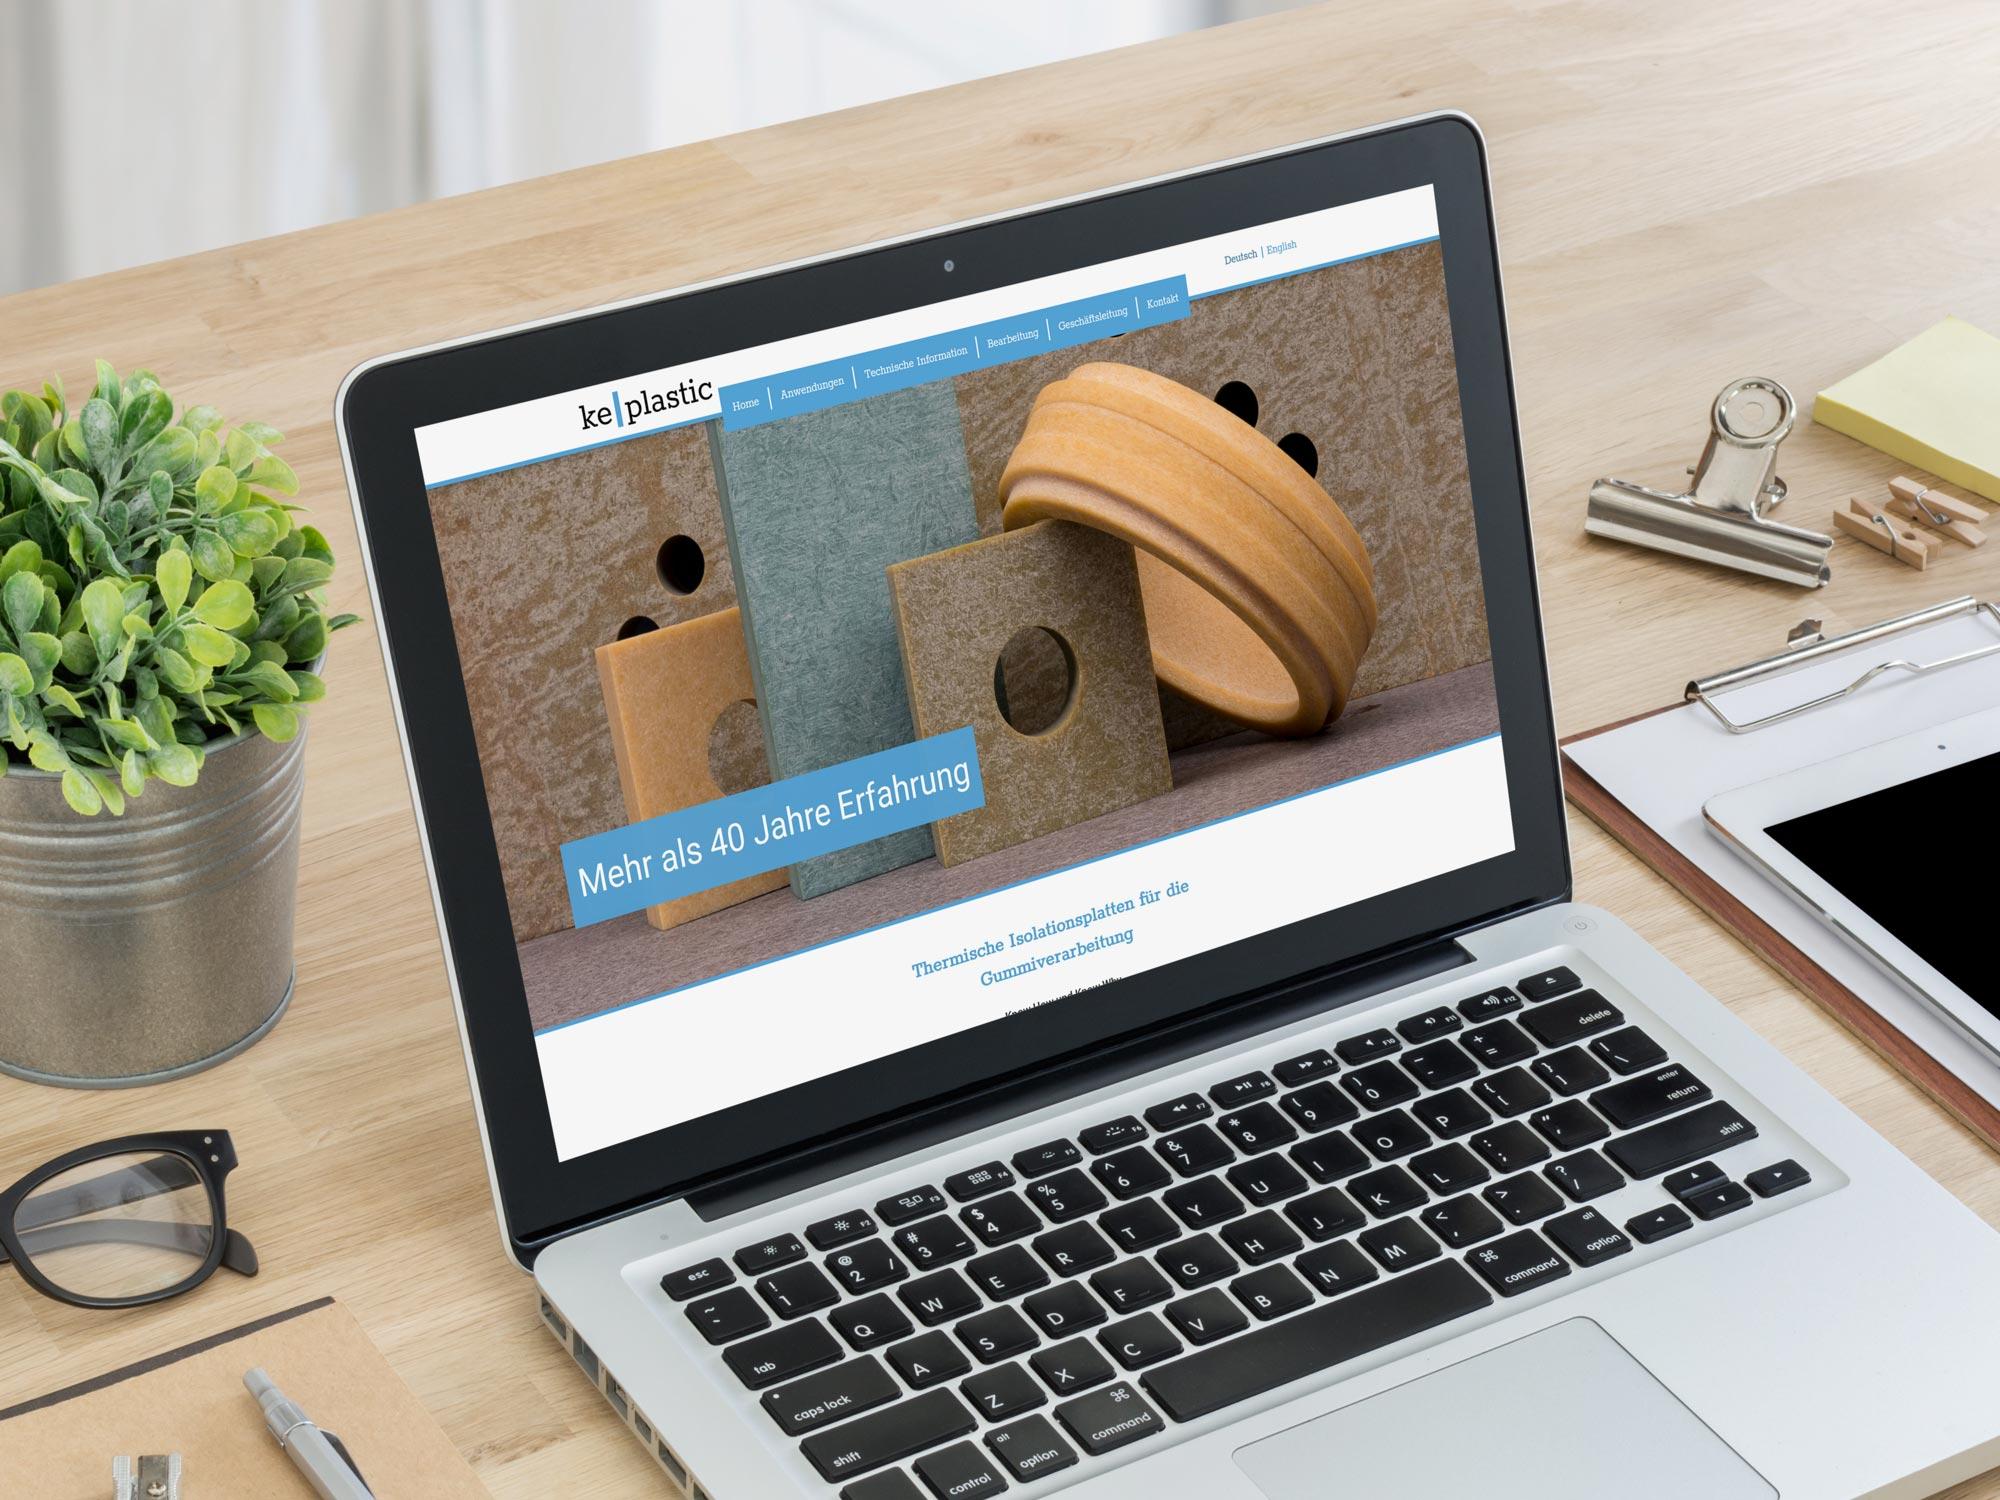 Webdesign für die KE Plastic GmbH